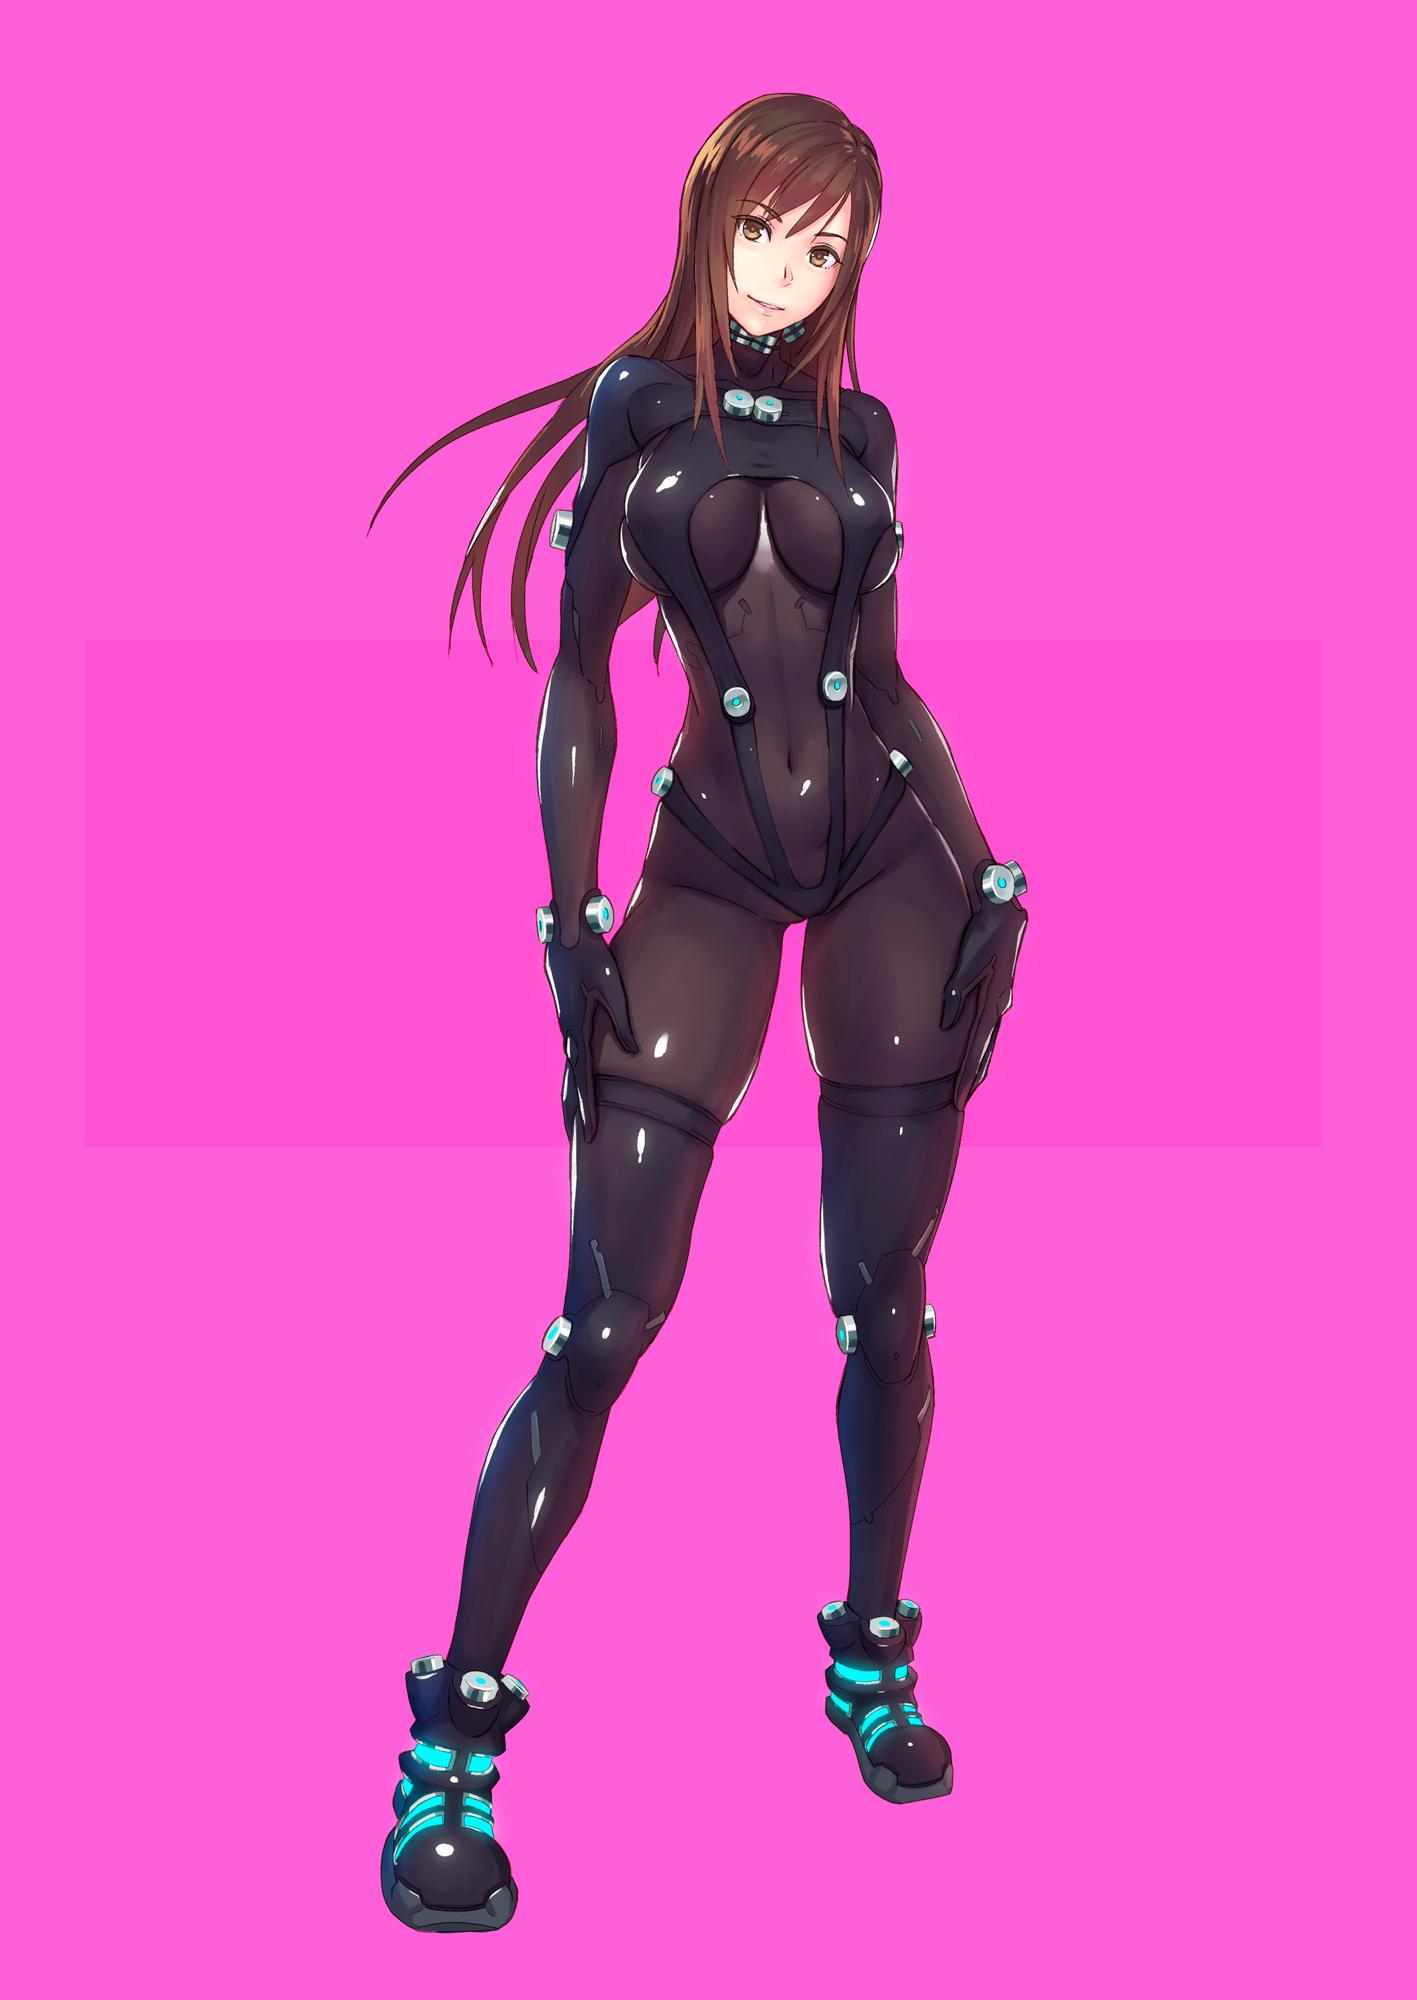 デスクトップ壁紙 Shimohira Reika ガンツェo アニメの女の子 1417x00 Mattilius258 デスクトップ壁紙 Wallhere